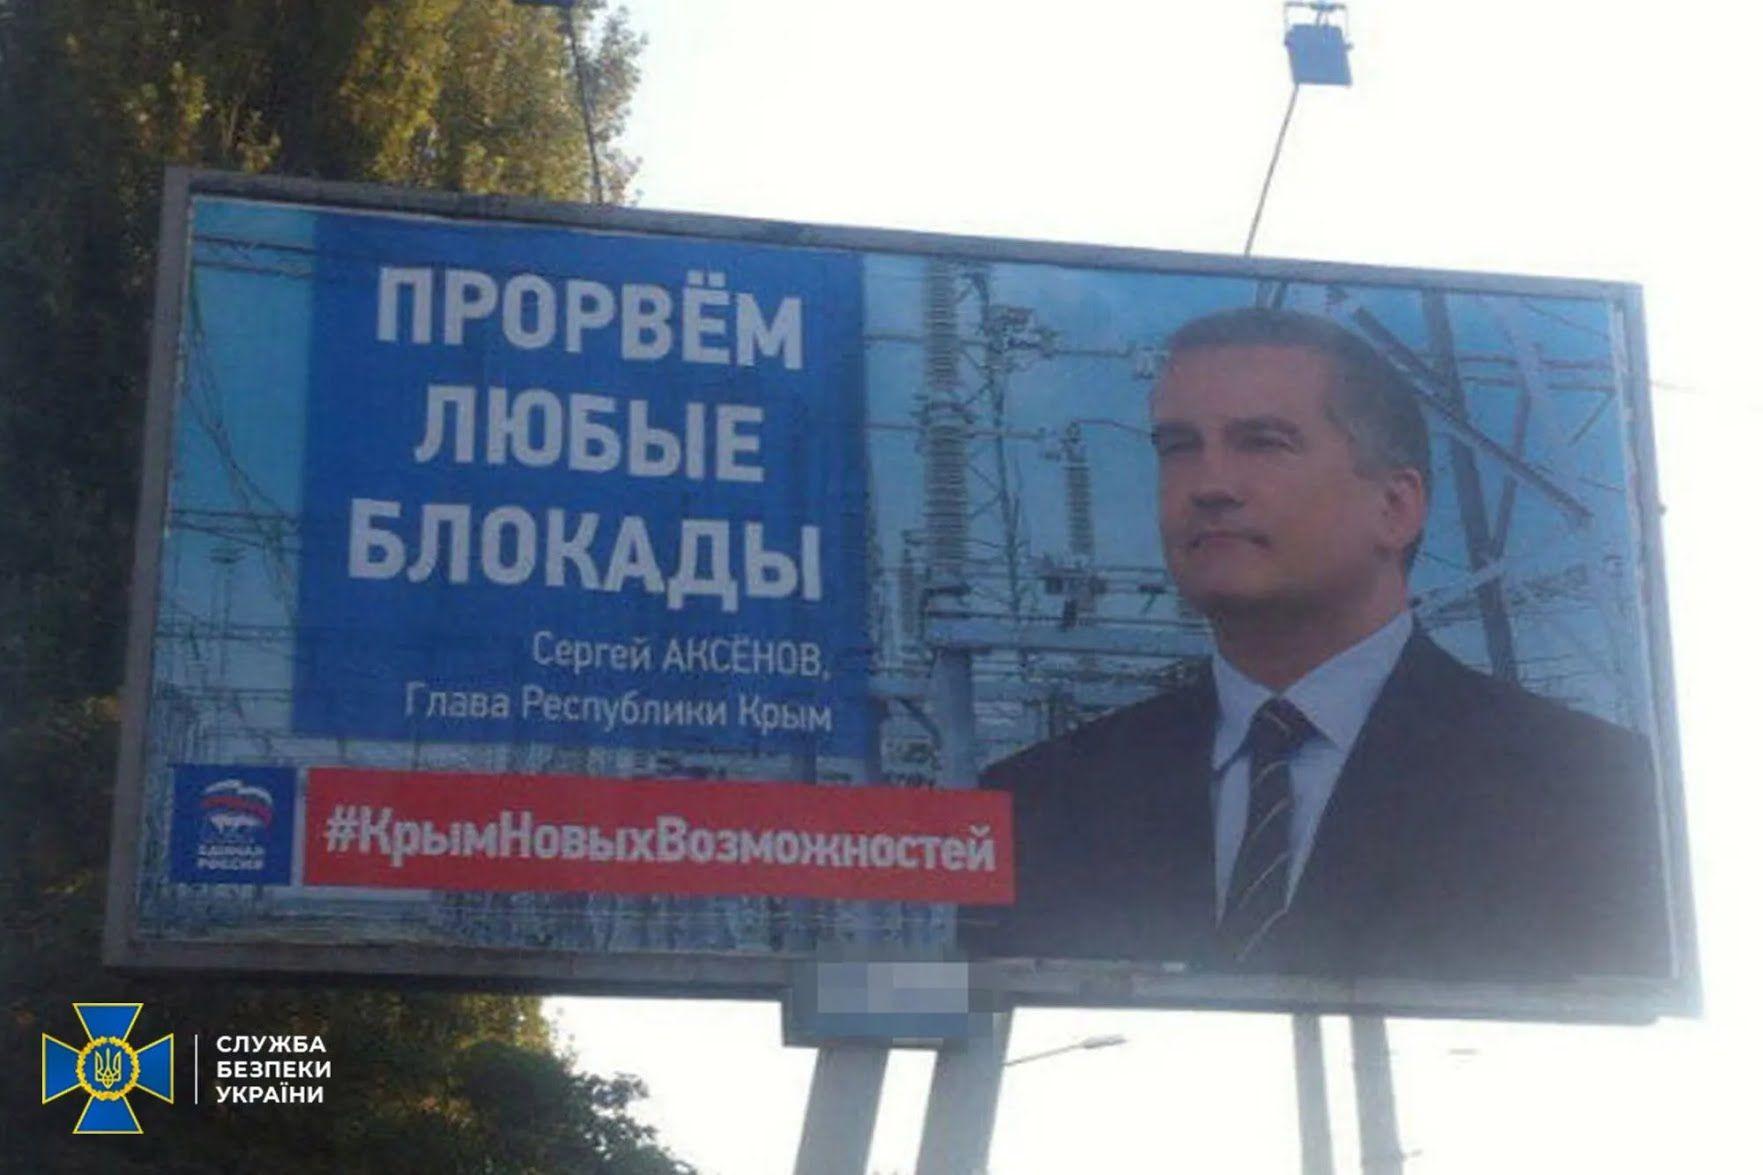 Киевское агентство является дочерней компанией московской фирмы